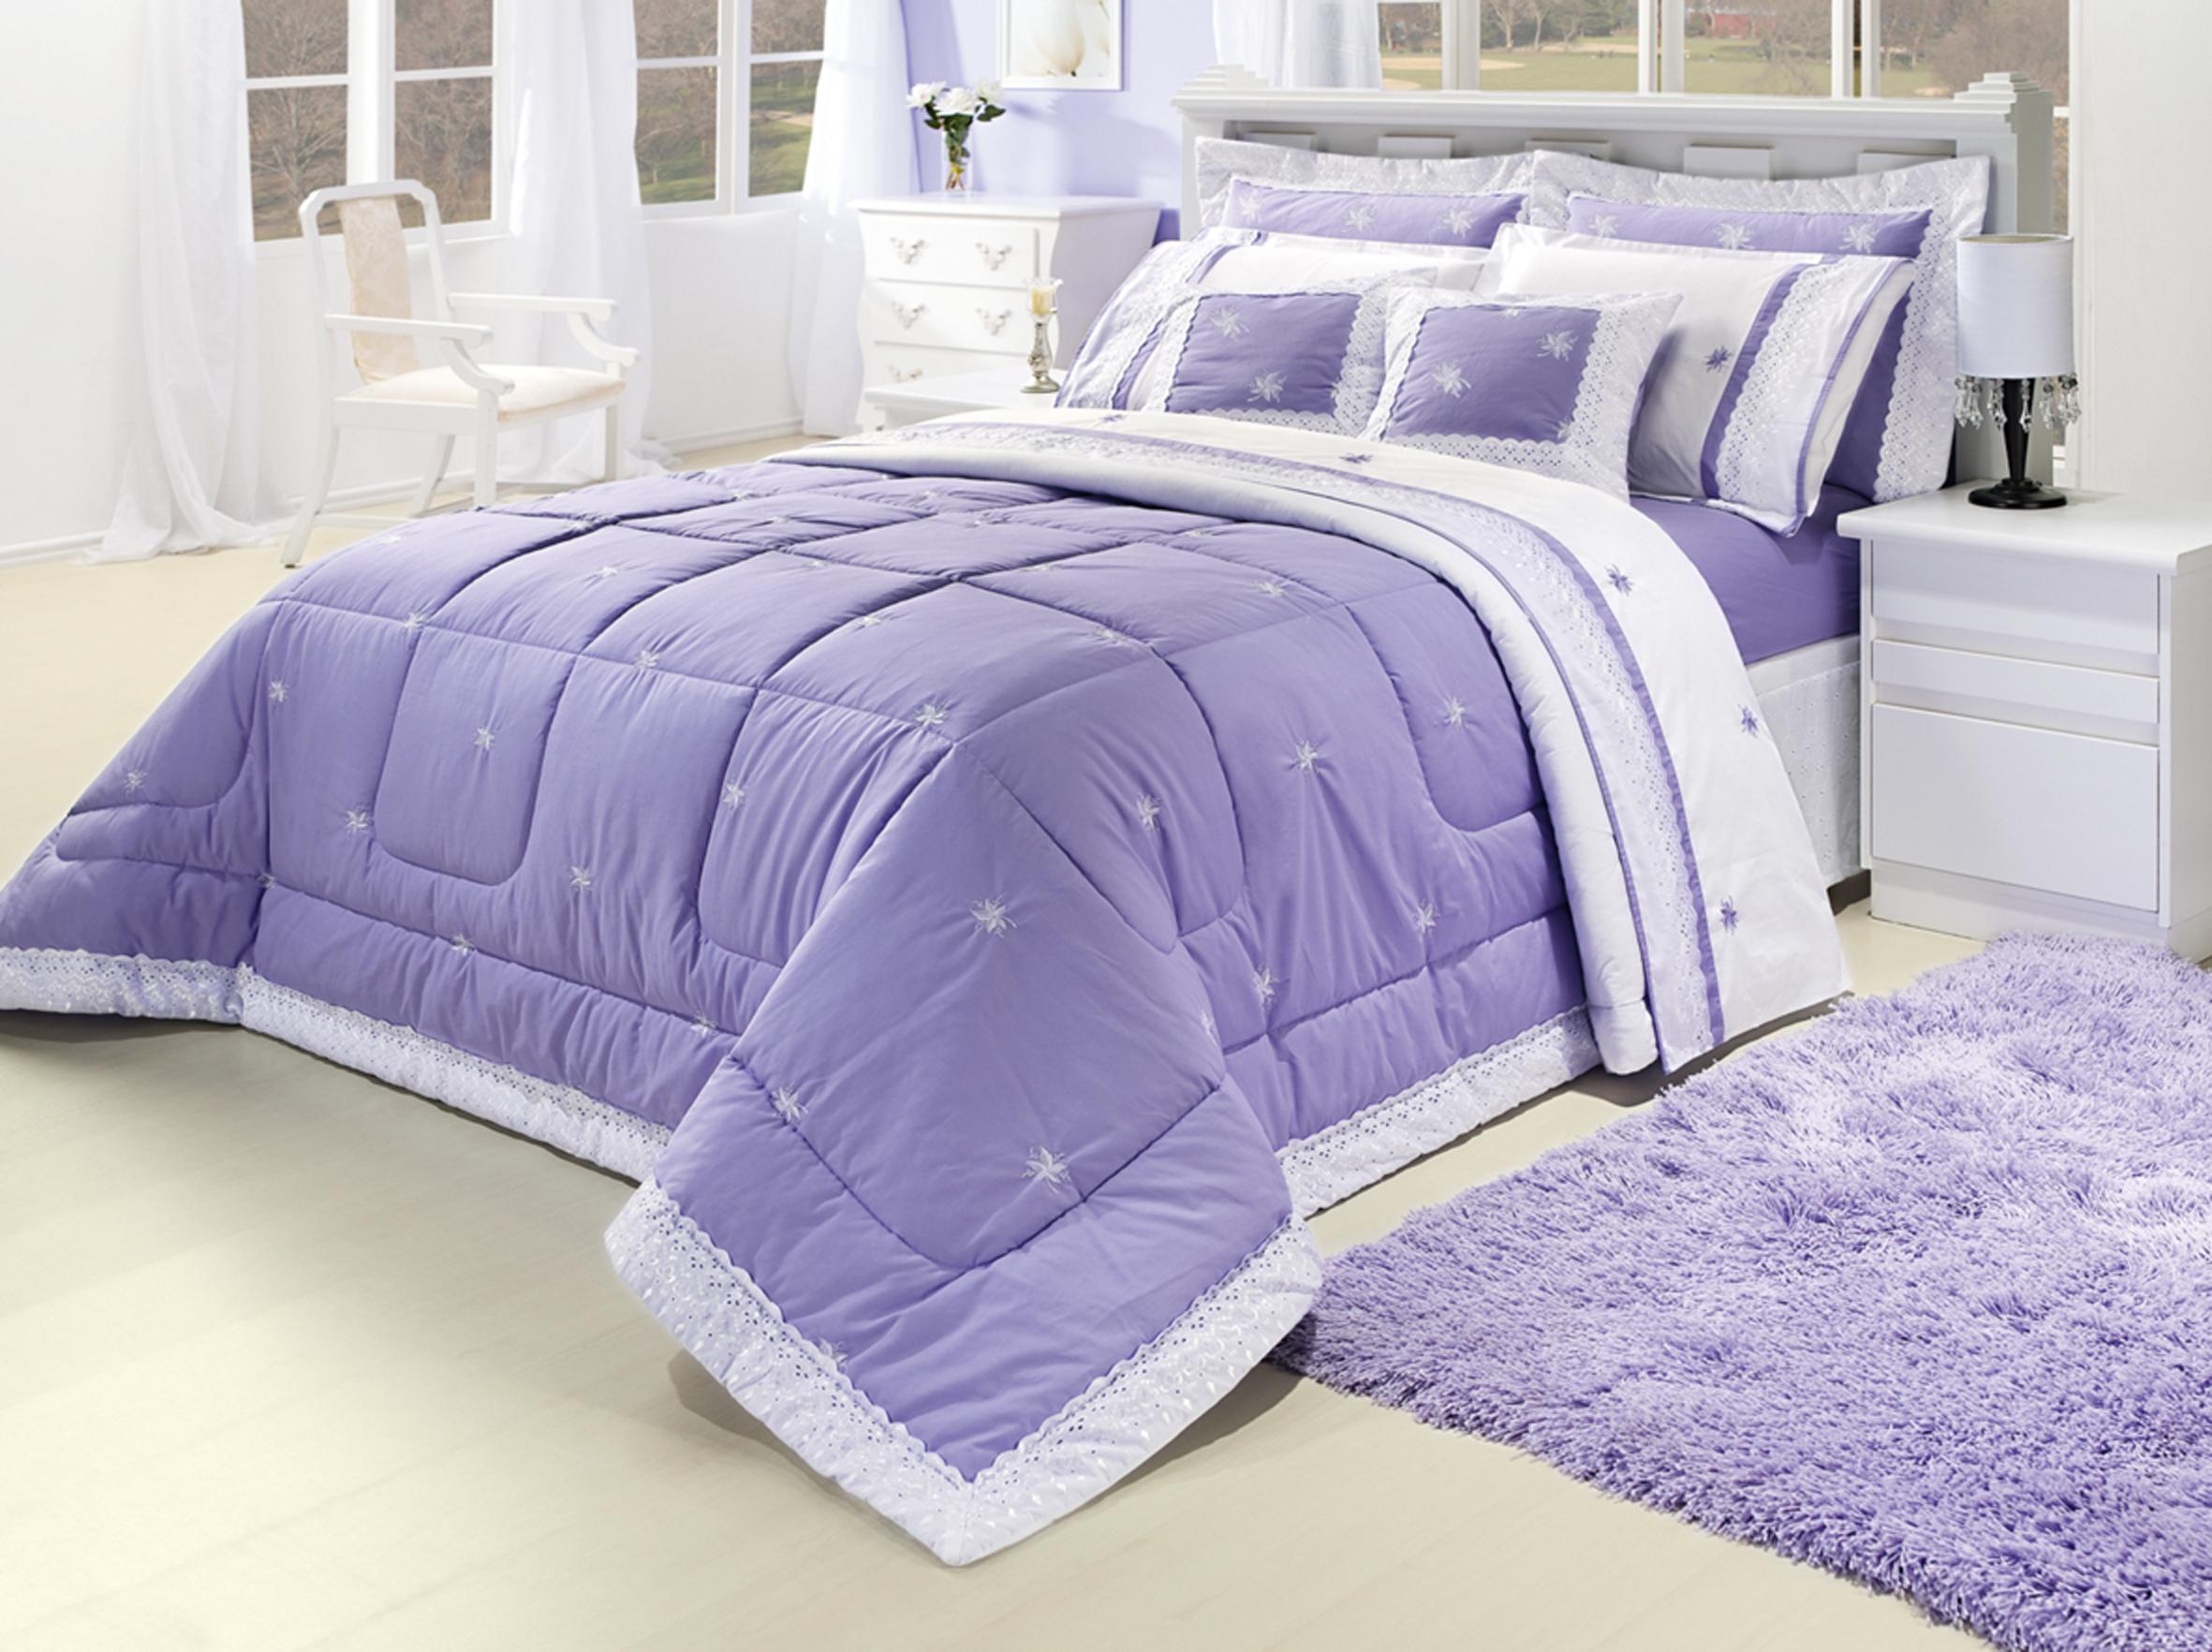 Cuidados com a roupa de cama 4